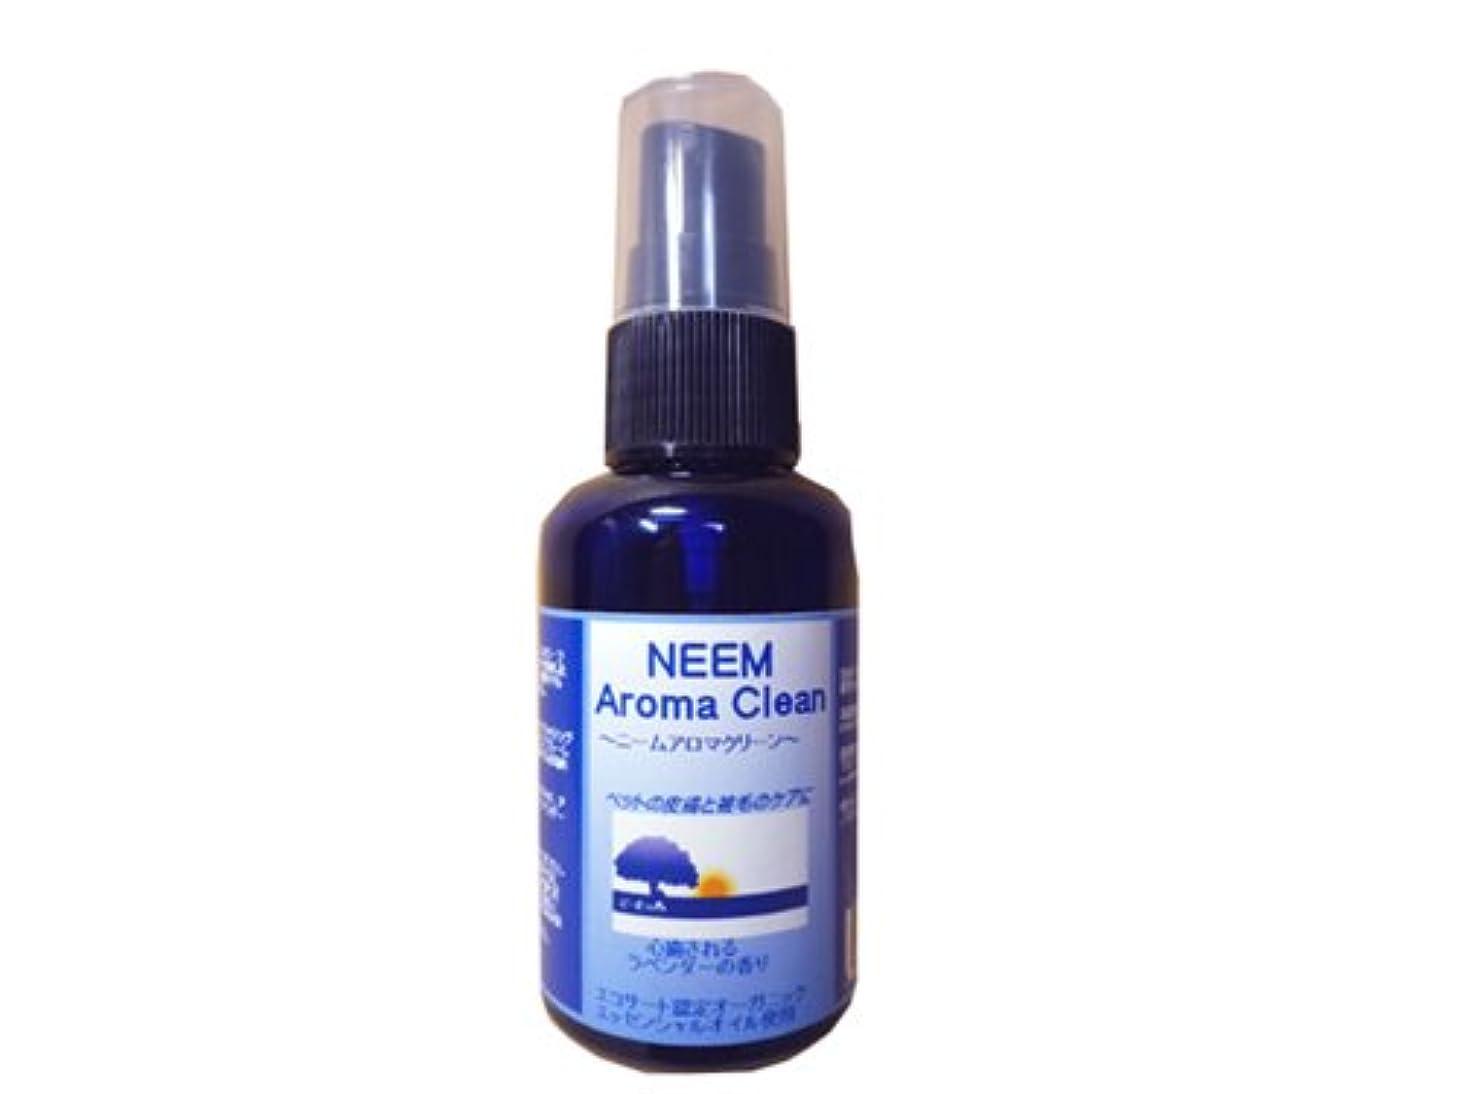 途方もない動機司書ニームアロマクリーン(ラベンダー) NEEM Aroma Clean 50ml 【BLOOM】【(ノミ?ダニ)駆除用としてもお使いいただけます。】